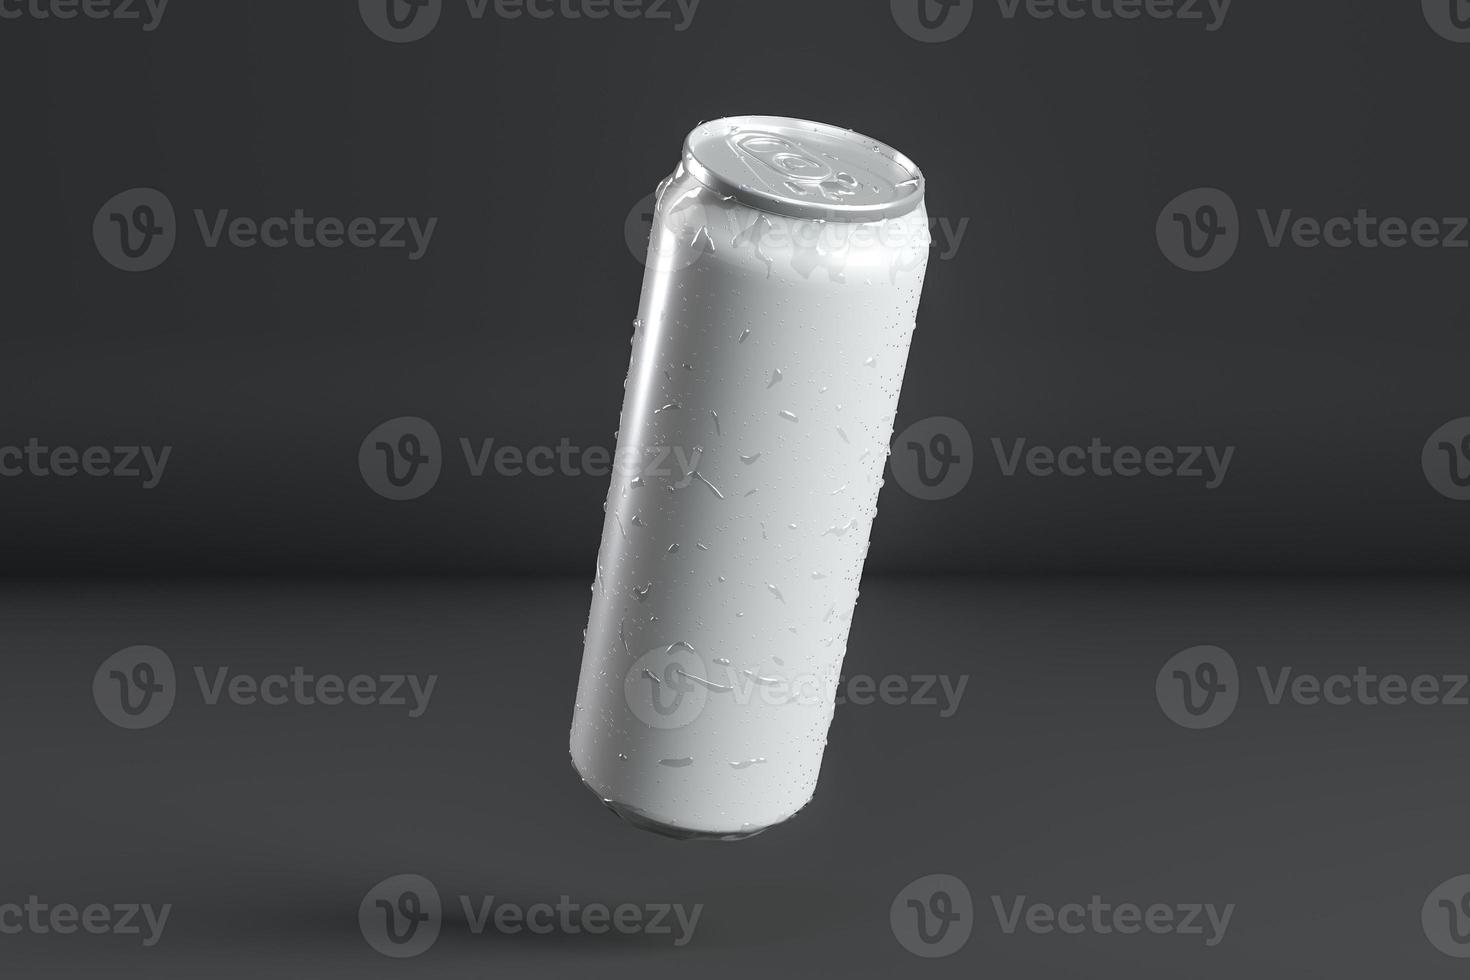 présentation de canettes en aluminium. résolution et belle photo de haute qualité